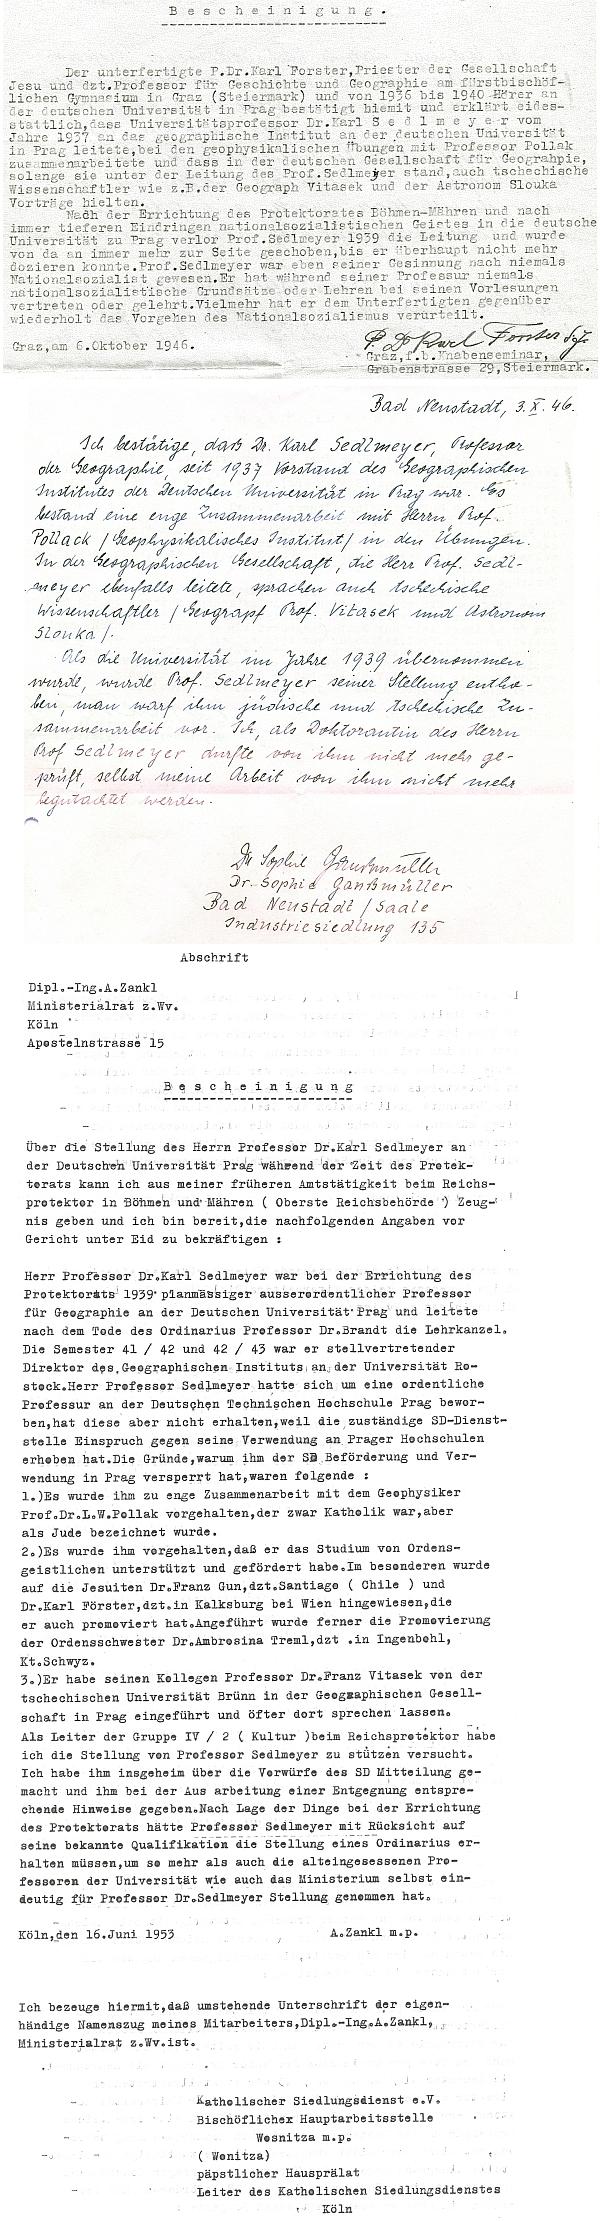 Tři dokumenty, dosvědčující Sedlmeyerovu politickou bezúhonnost za tzv. Protektorátu Čechy a Morava